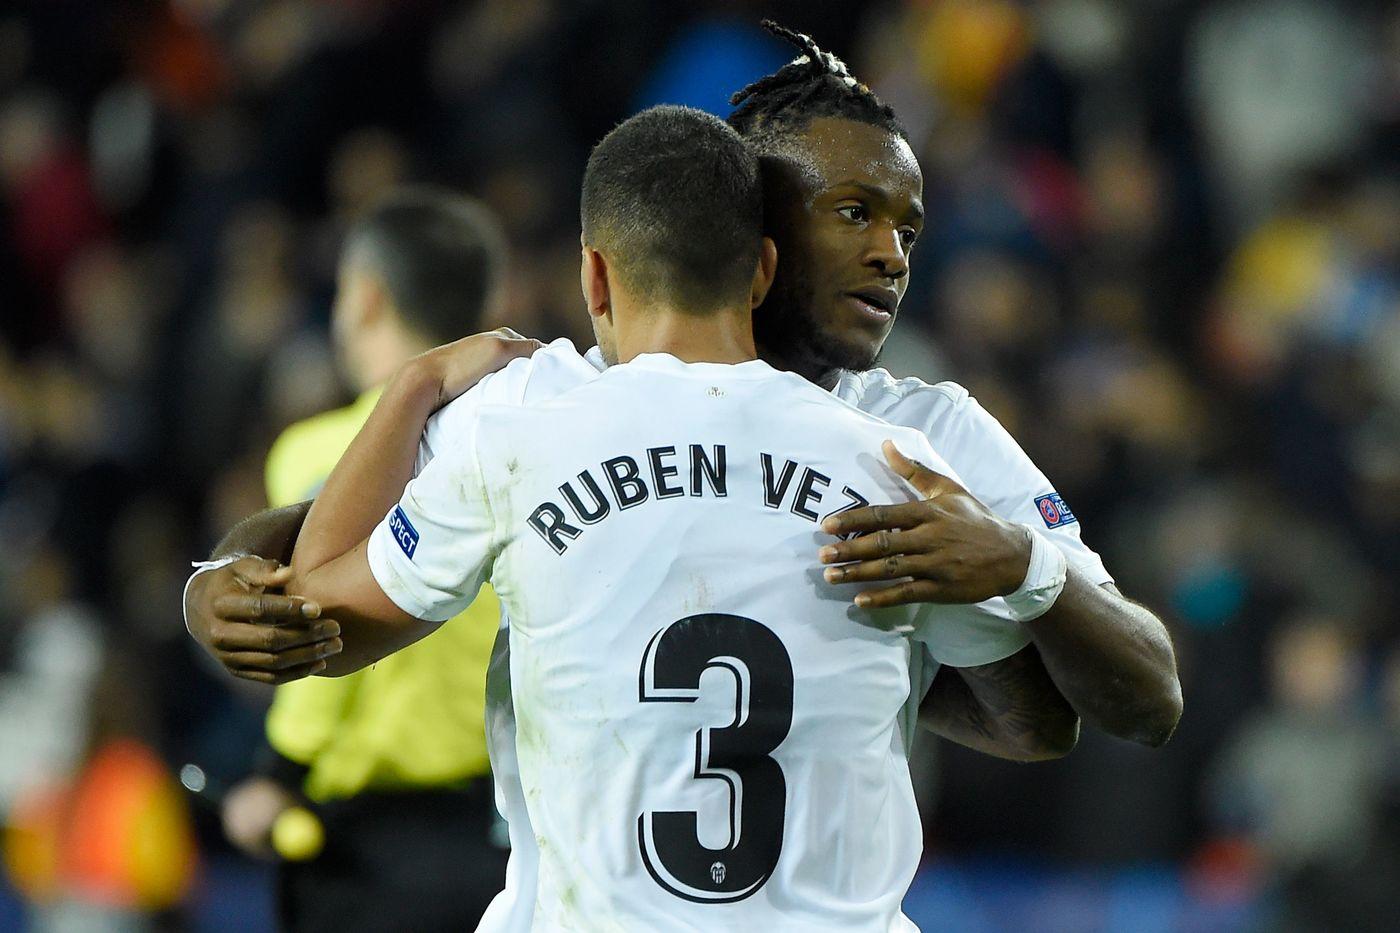 Europa League, Valencia-Krasnodar giovedì 7 marzo: analisi e pronostico dell'andata degli ottavi della competizione europea